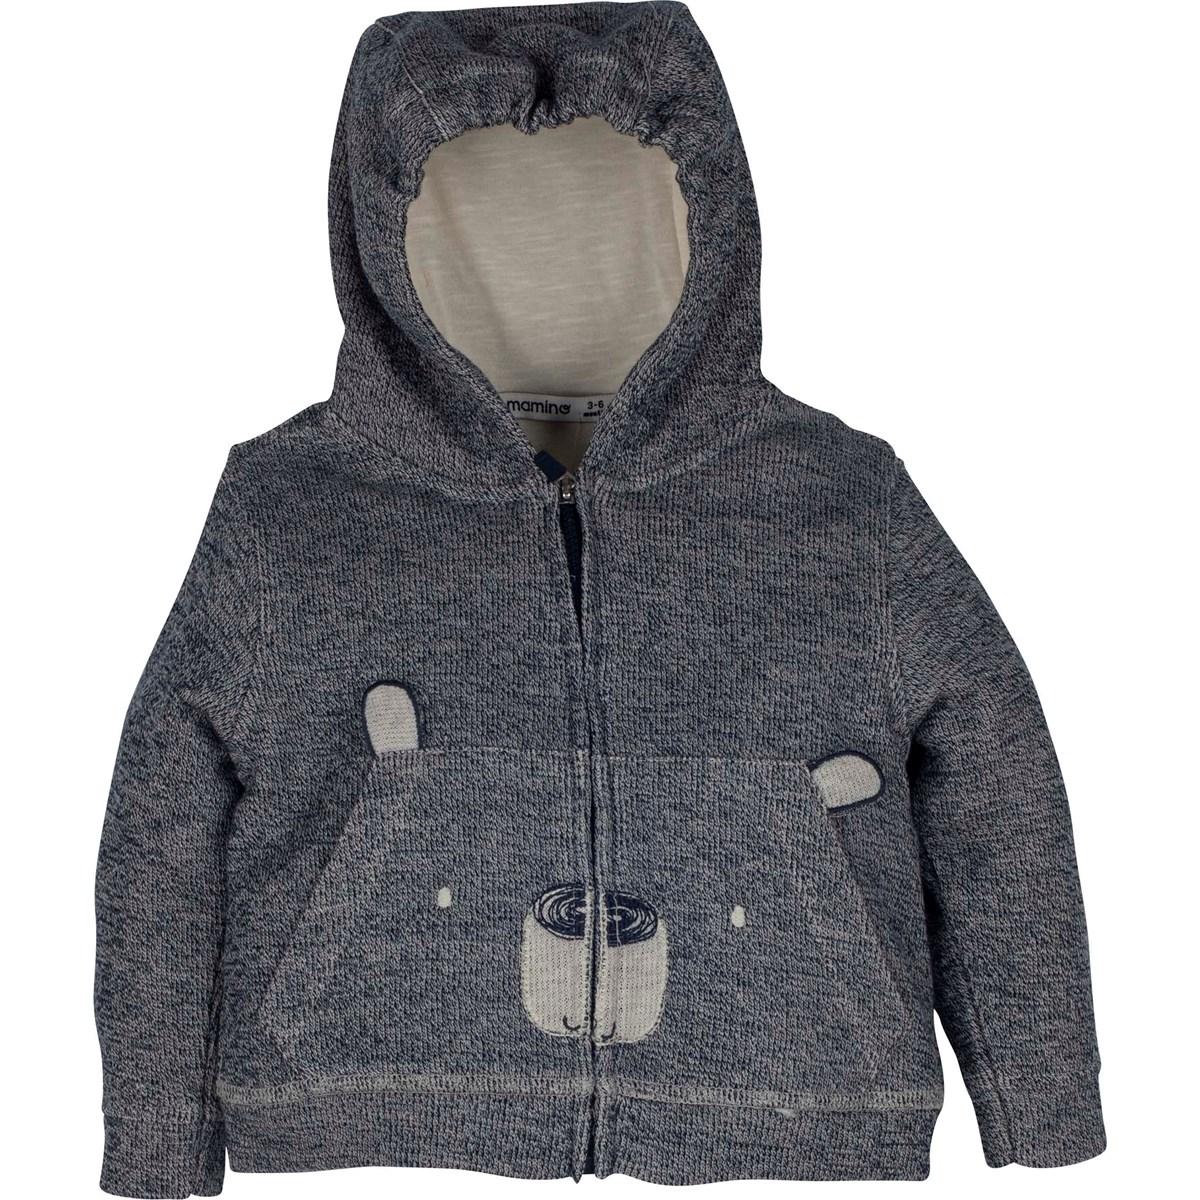 12899 Sweatshirt 1